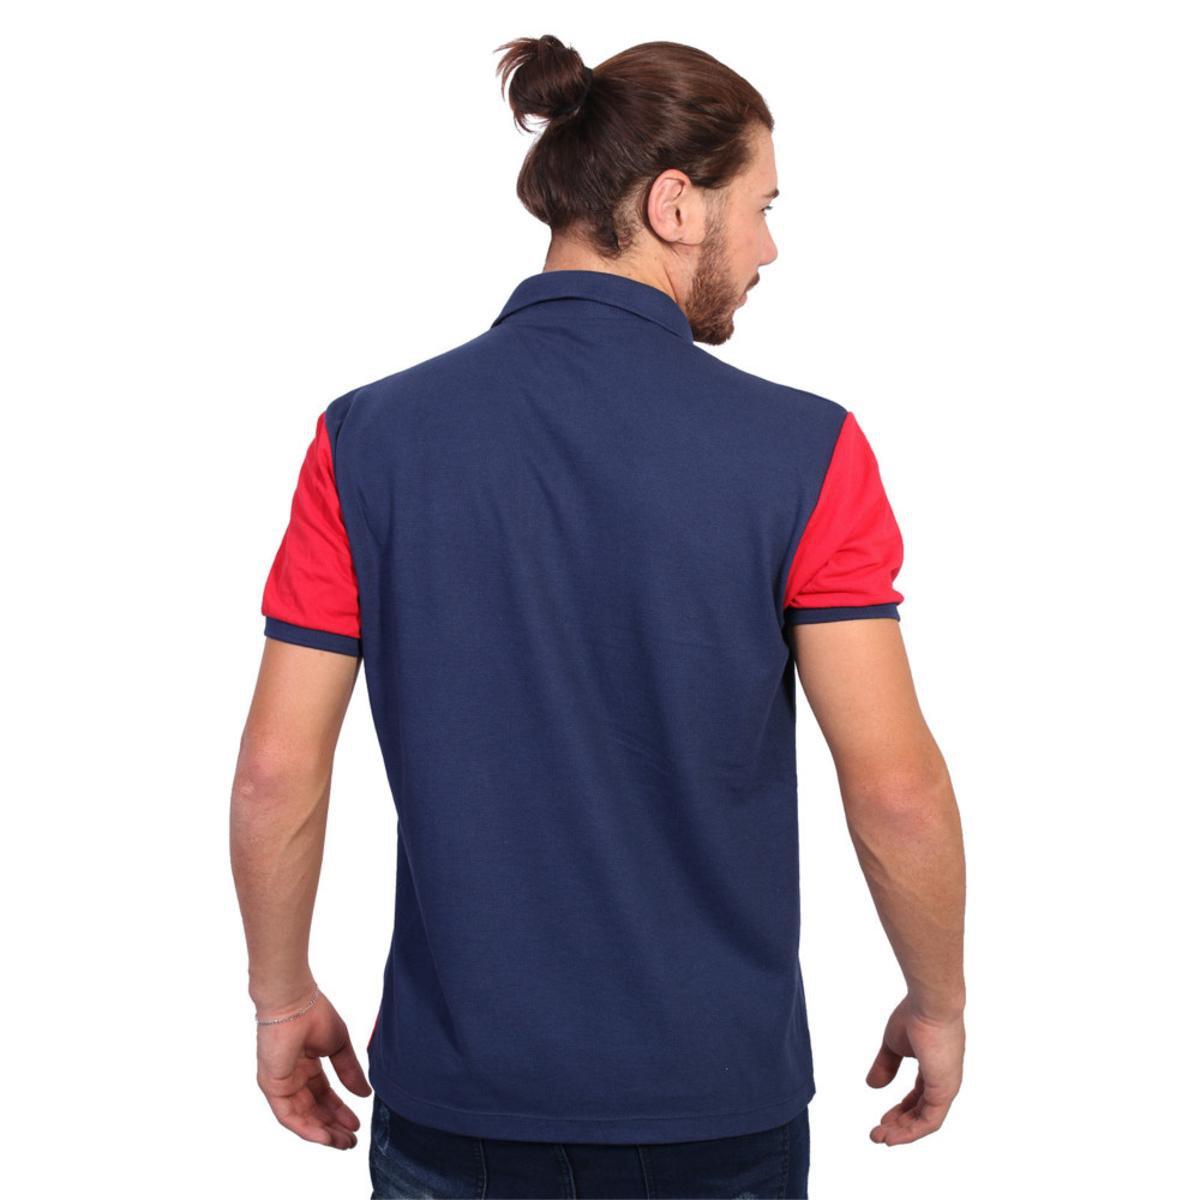 61cd5ba93c Camisa Polo Golf Club Listrada - Marinho e Vermelho - Compre Agora ...